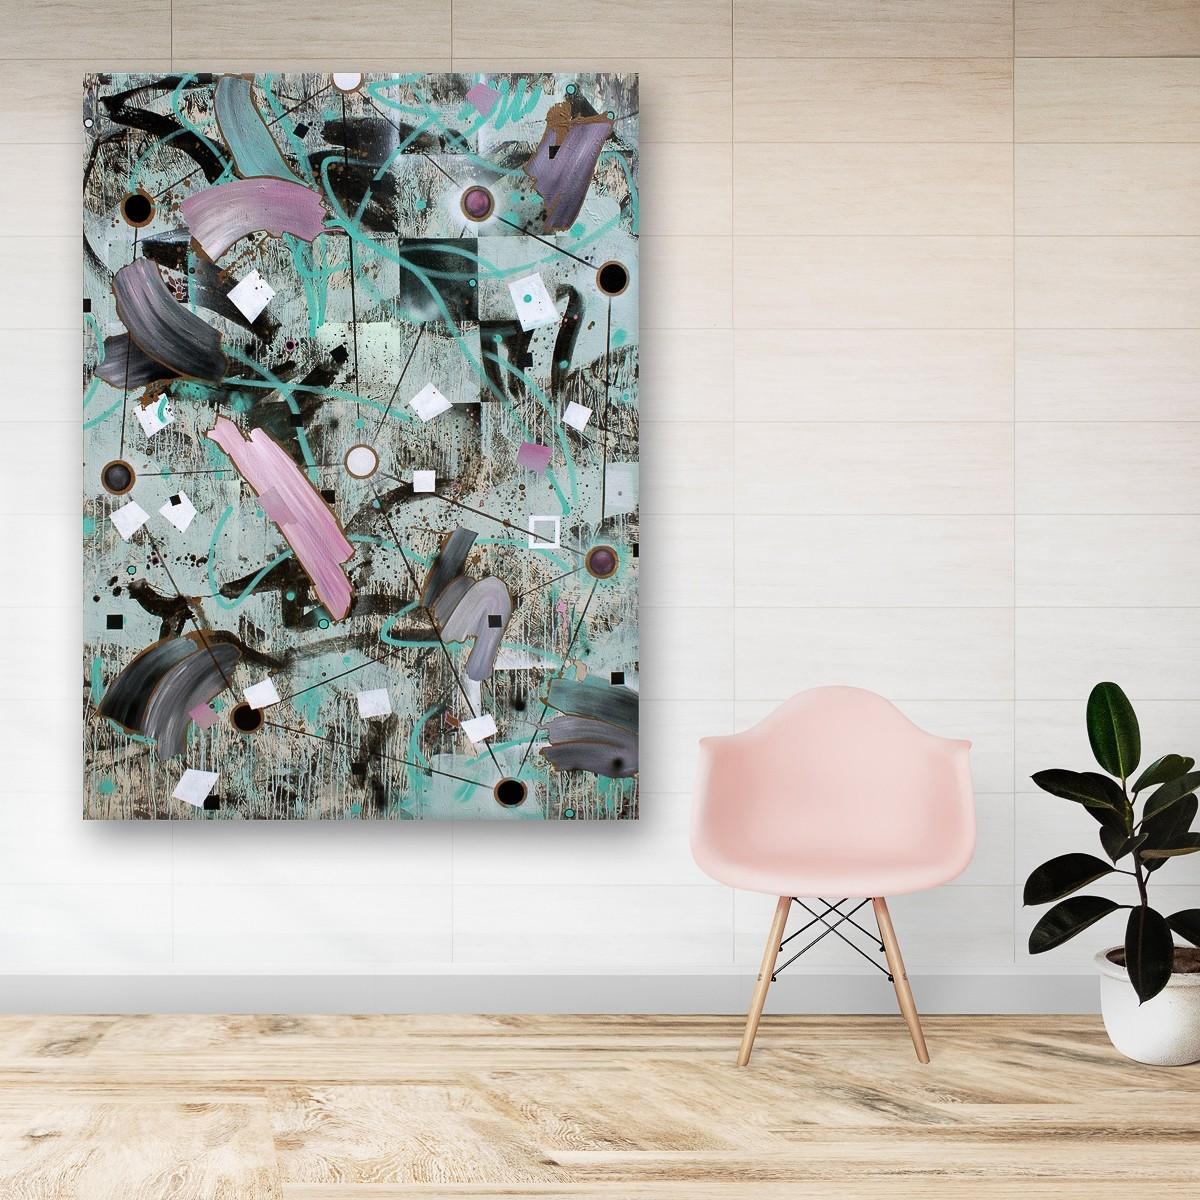 Zwischenräume 12, Malerei von Malwin Faber, Öl, Acryl und Sprühlack auf Leinwand - 2